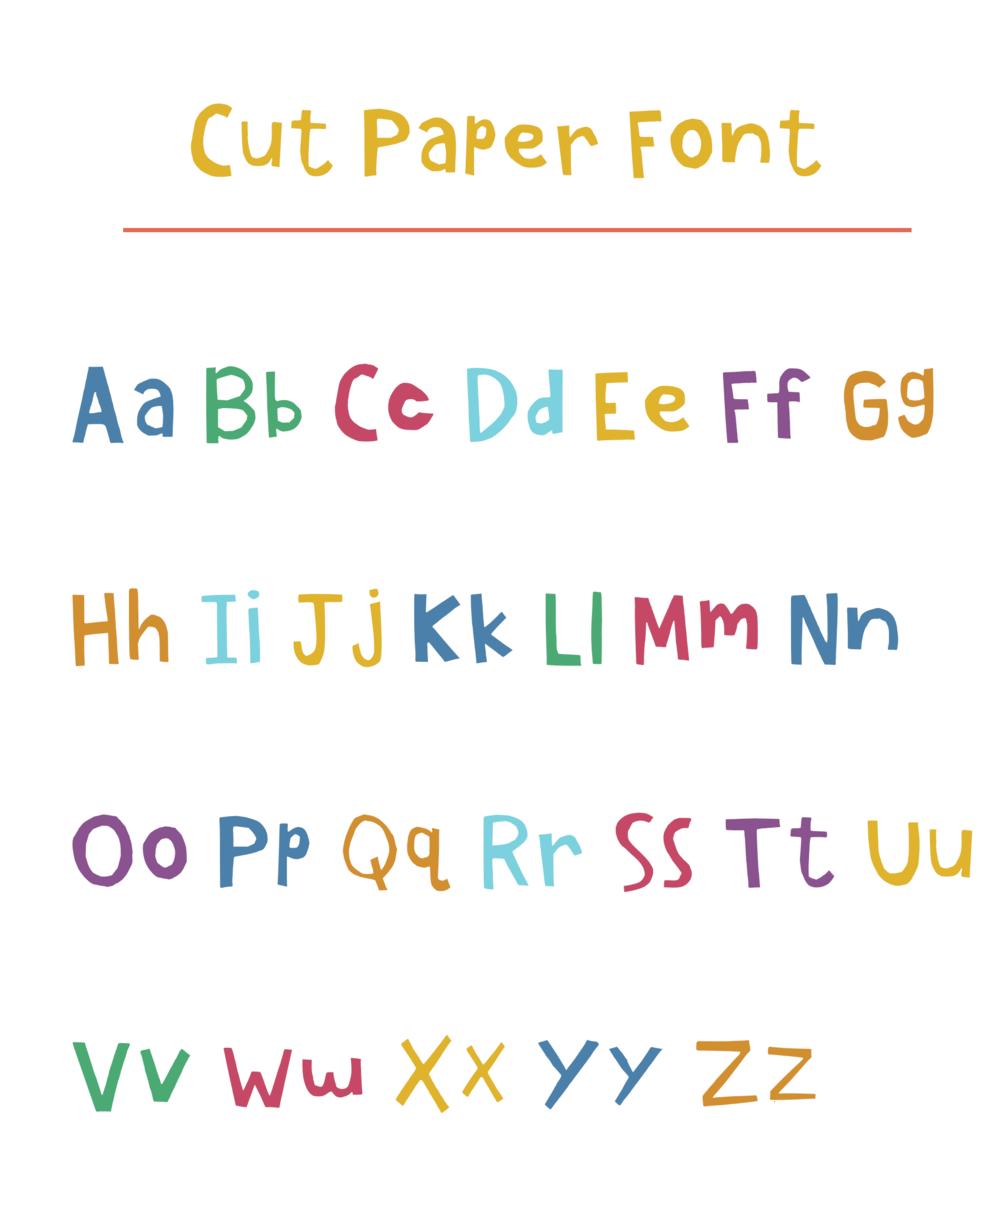 Cut-Paper-Font.png